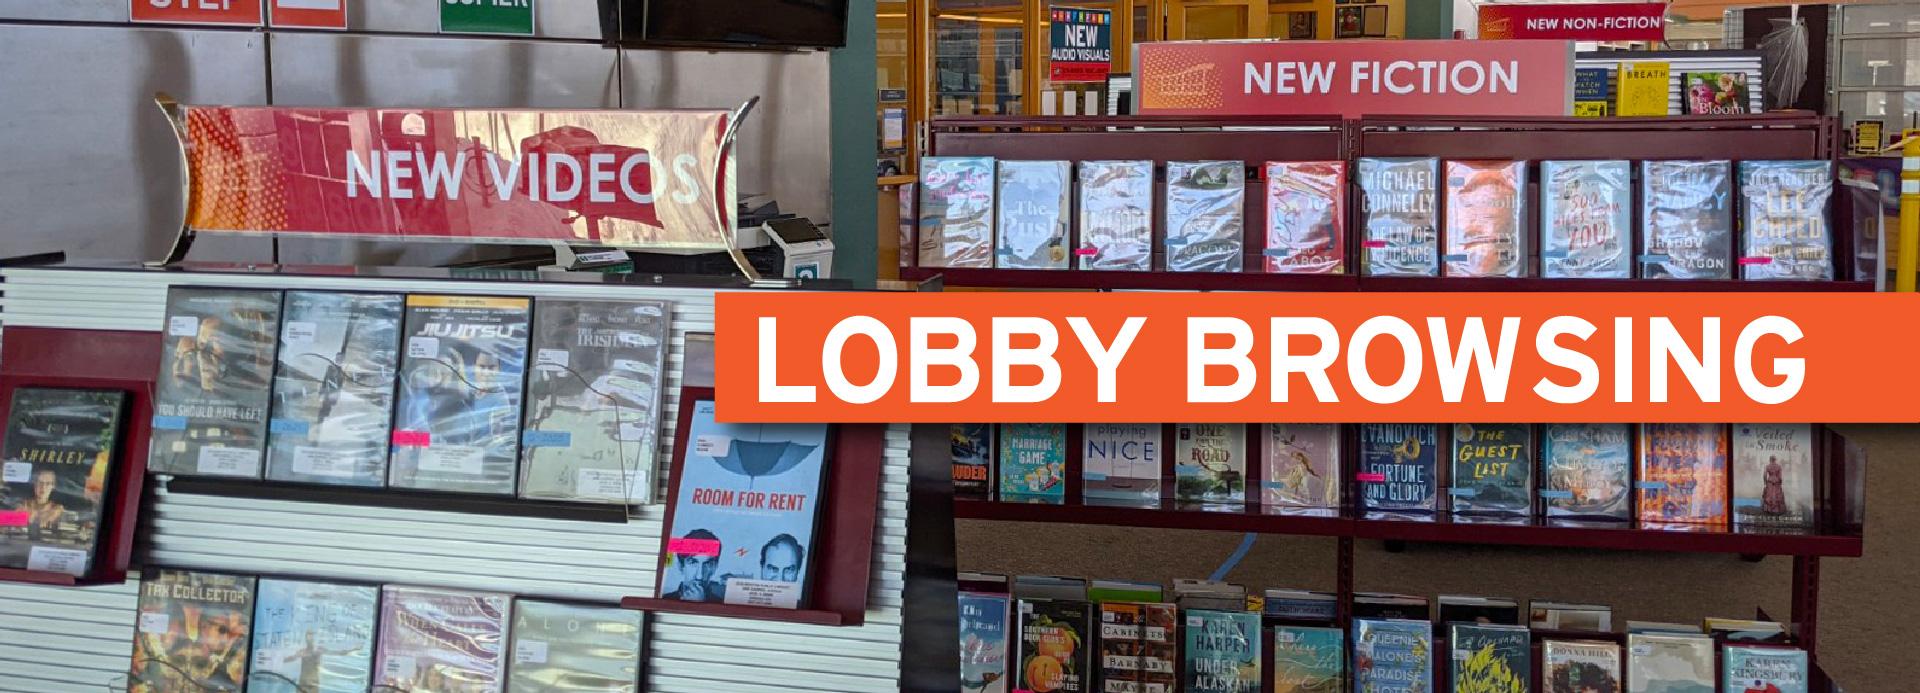 Lobby Browsing